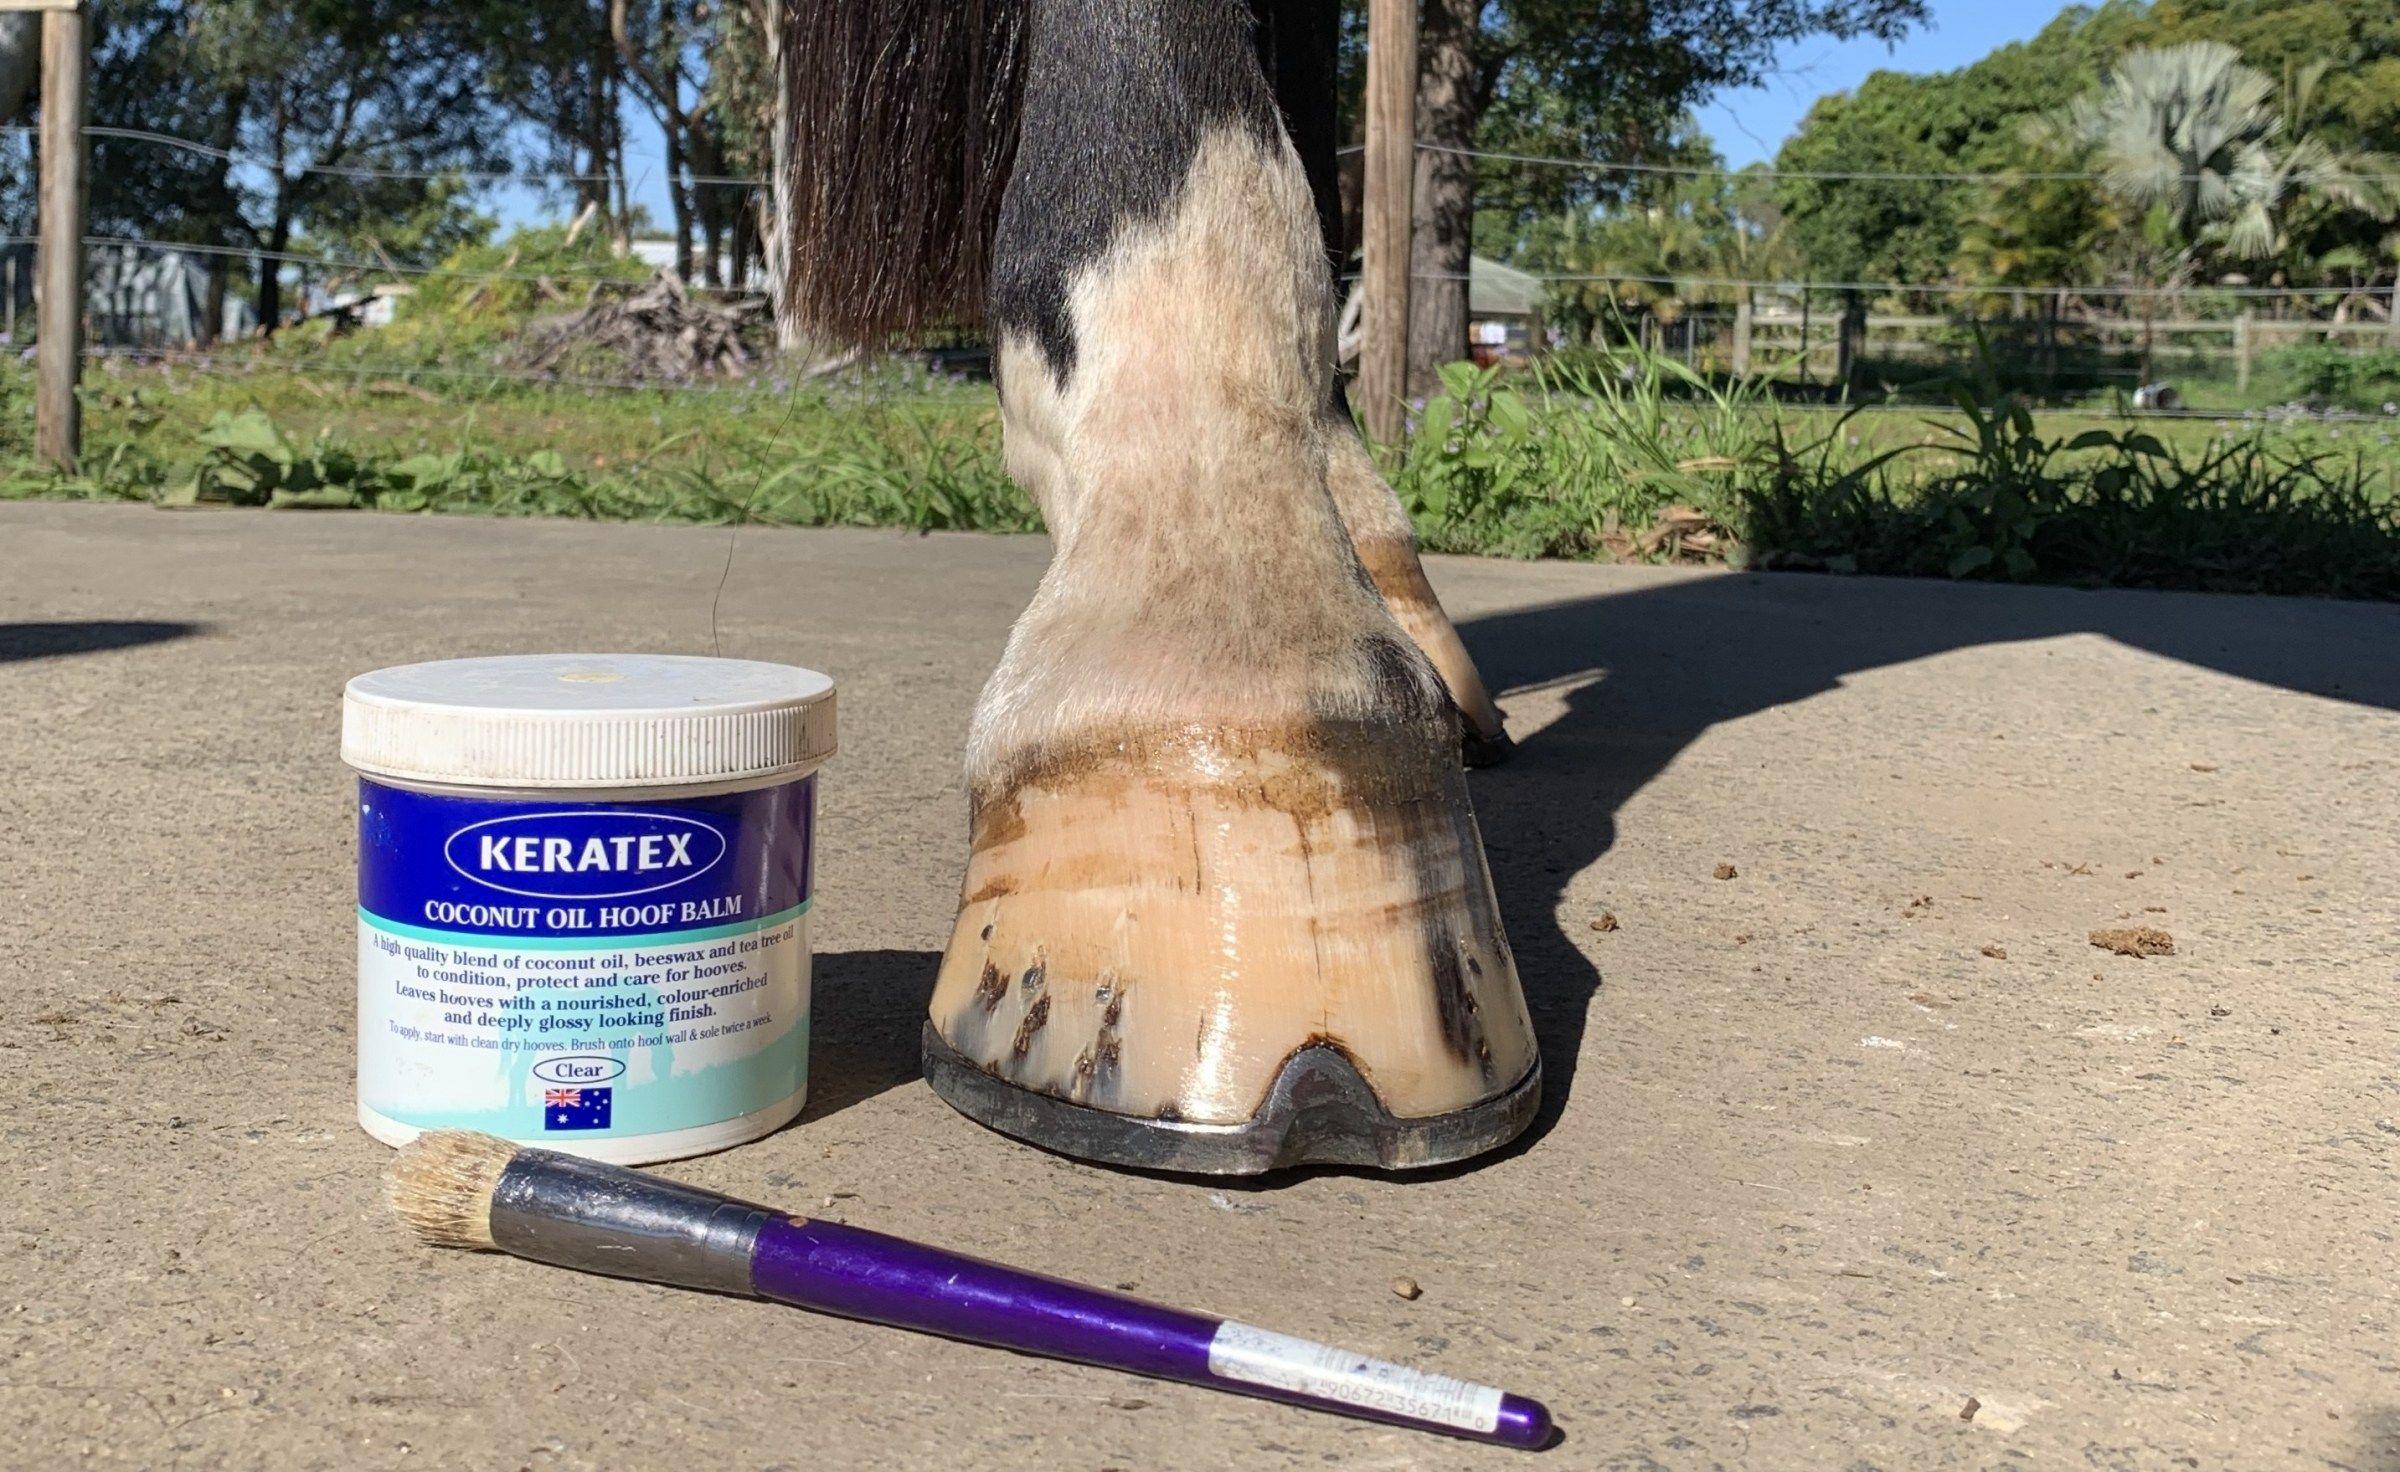 Nonie S Hoof Care Regimen Hoof Care Horse Care Tips Horse Care